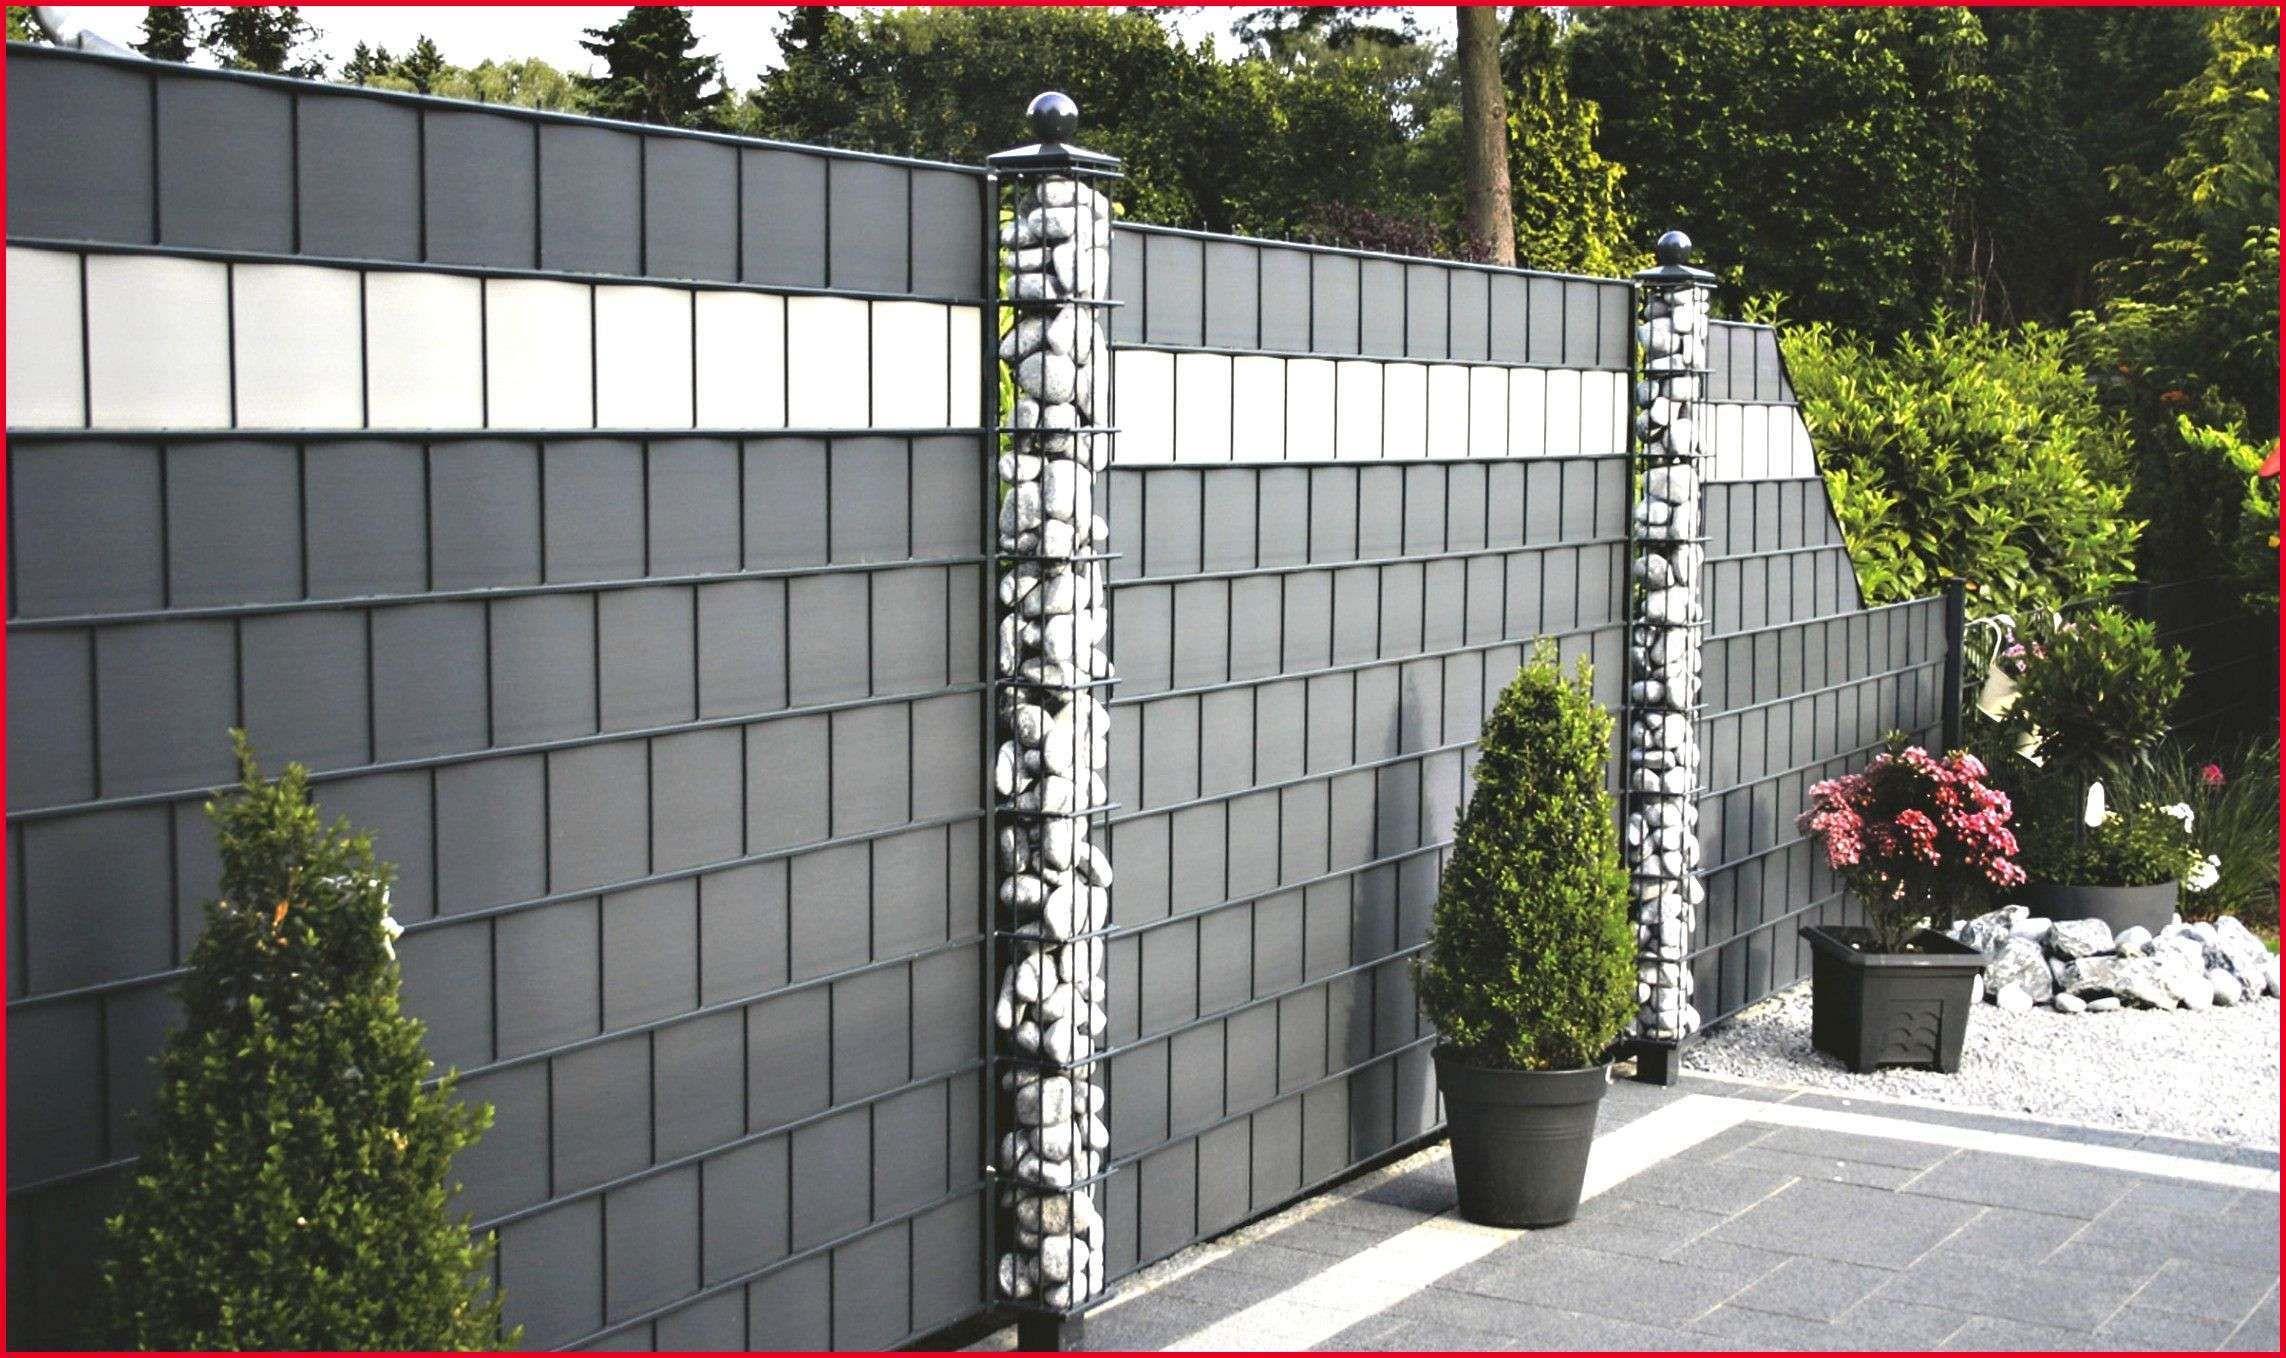 31 Luxus Sichtschutz Garten Holz Bild Sichtschutzzaun